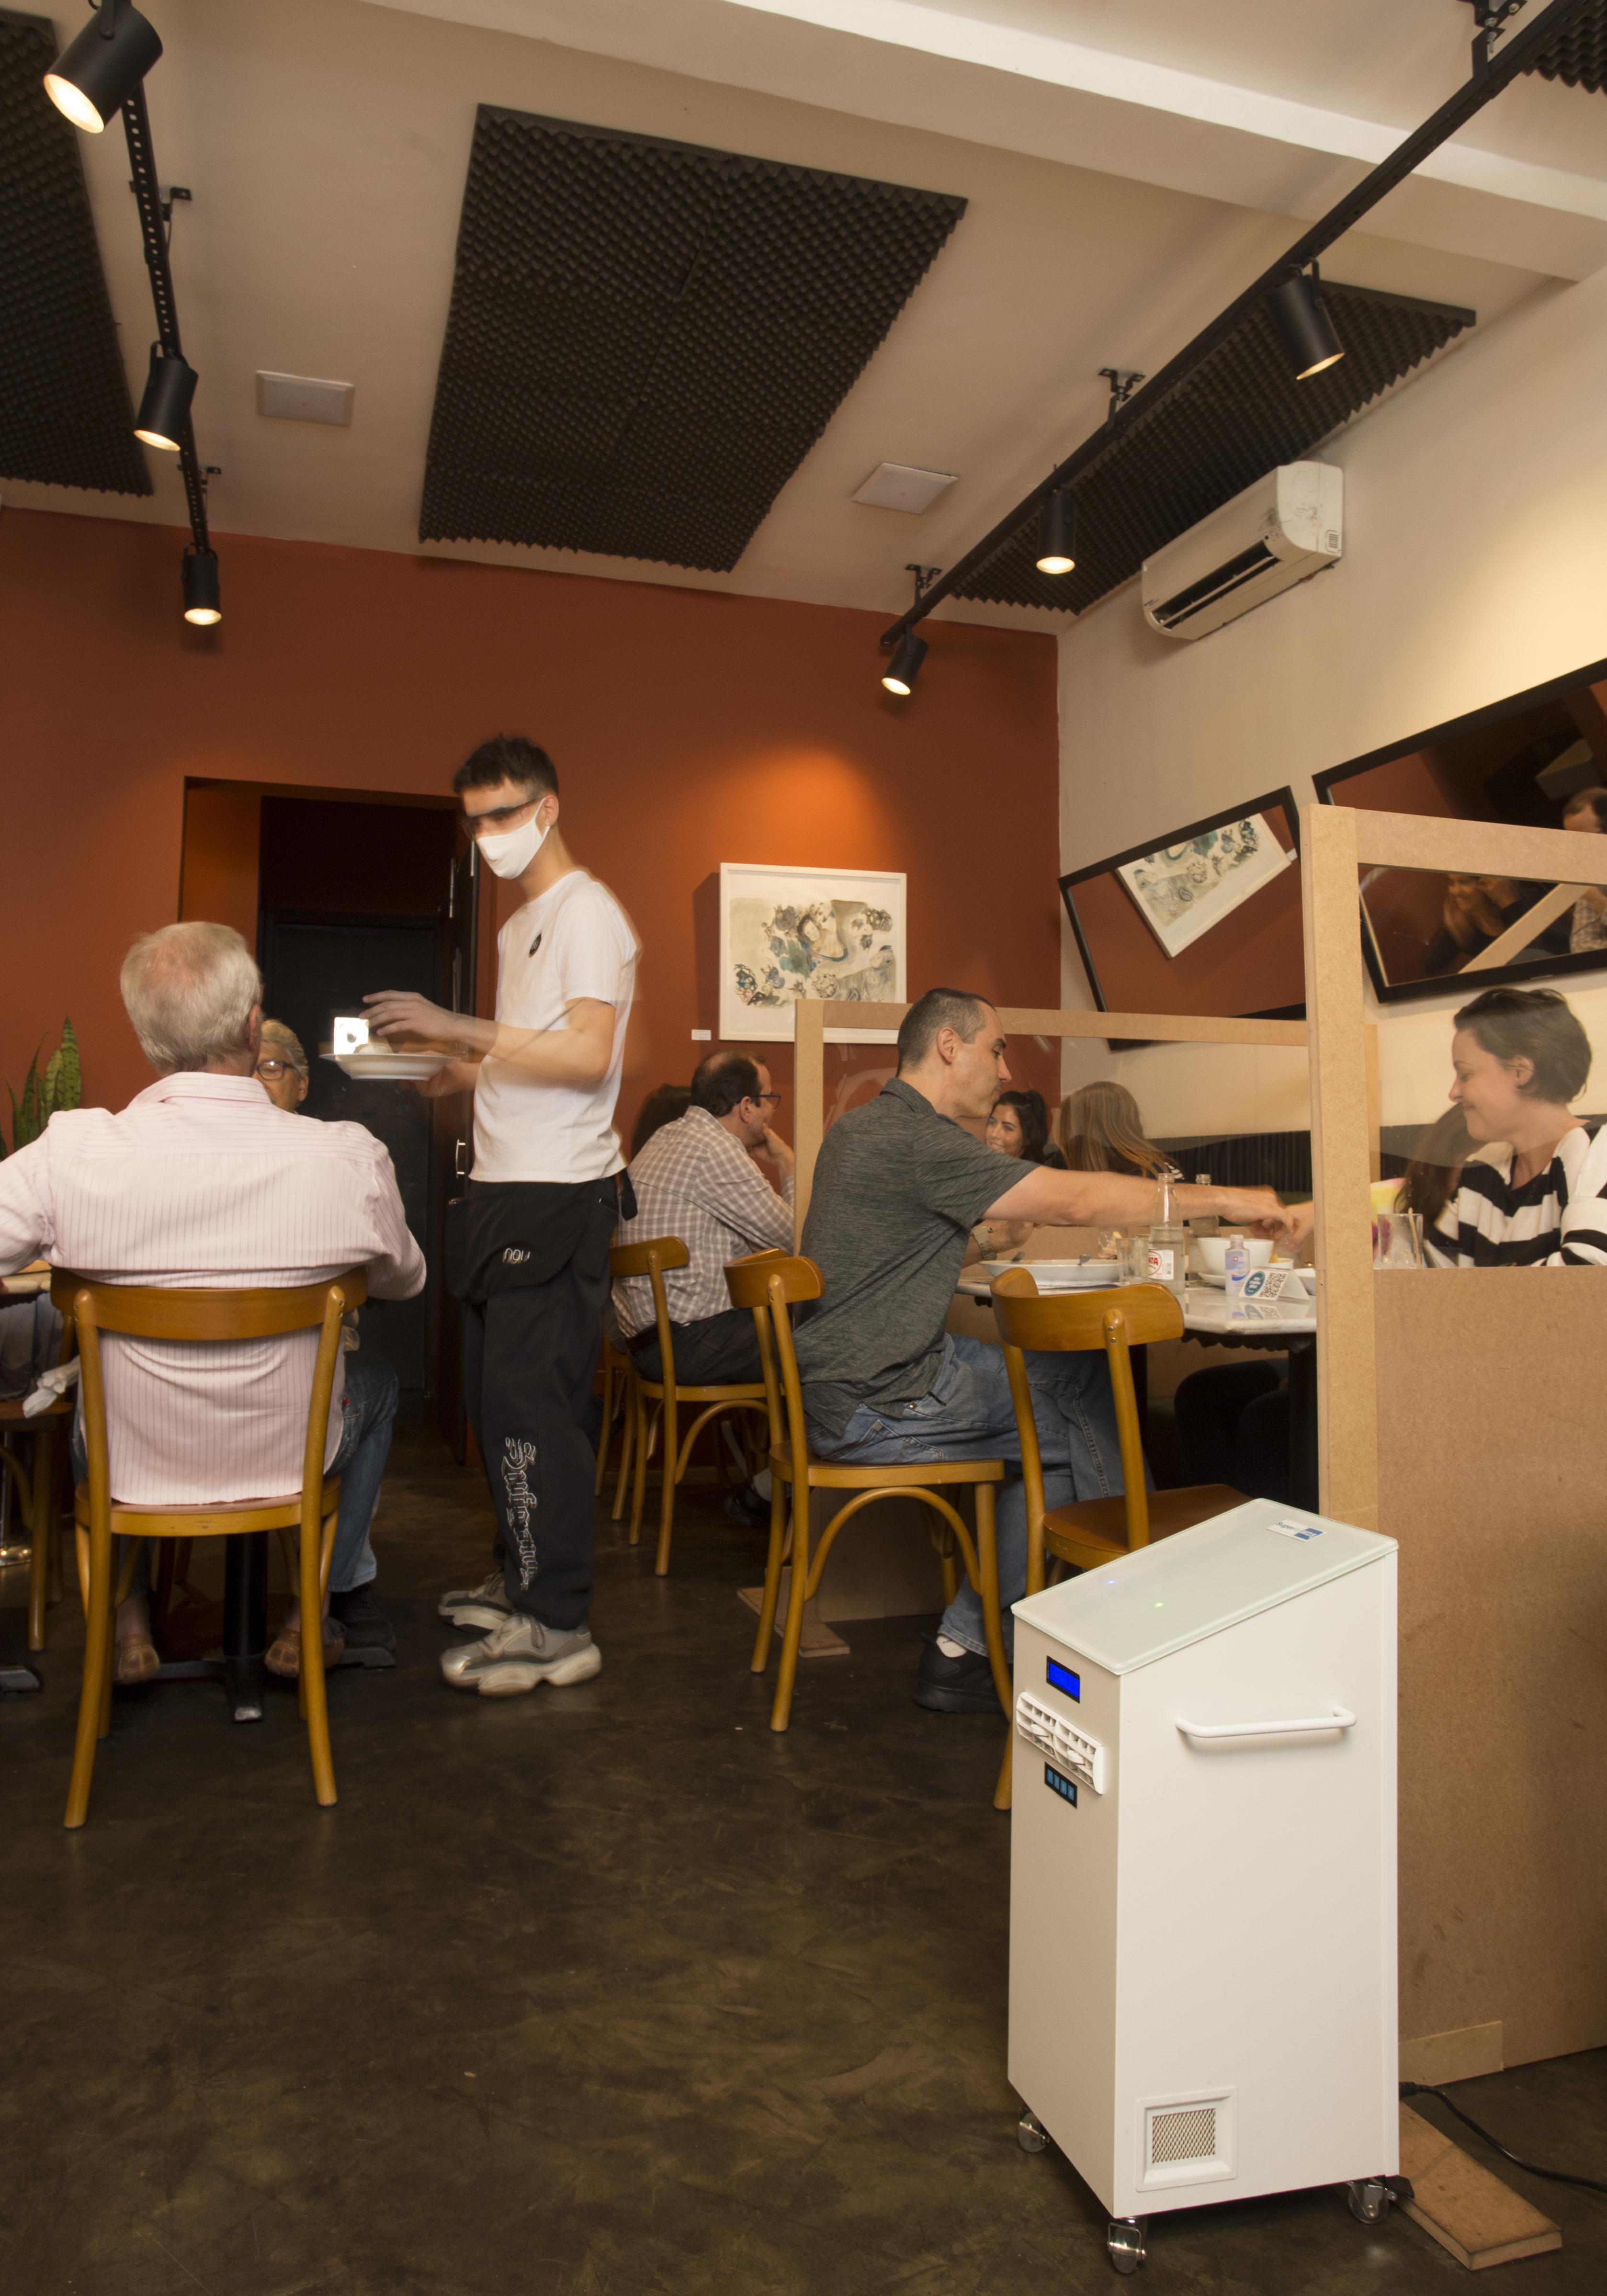 Restaurantes adotam esterilizador de ar para ajudar na retomada dos negócios